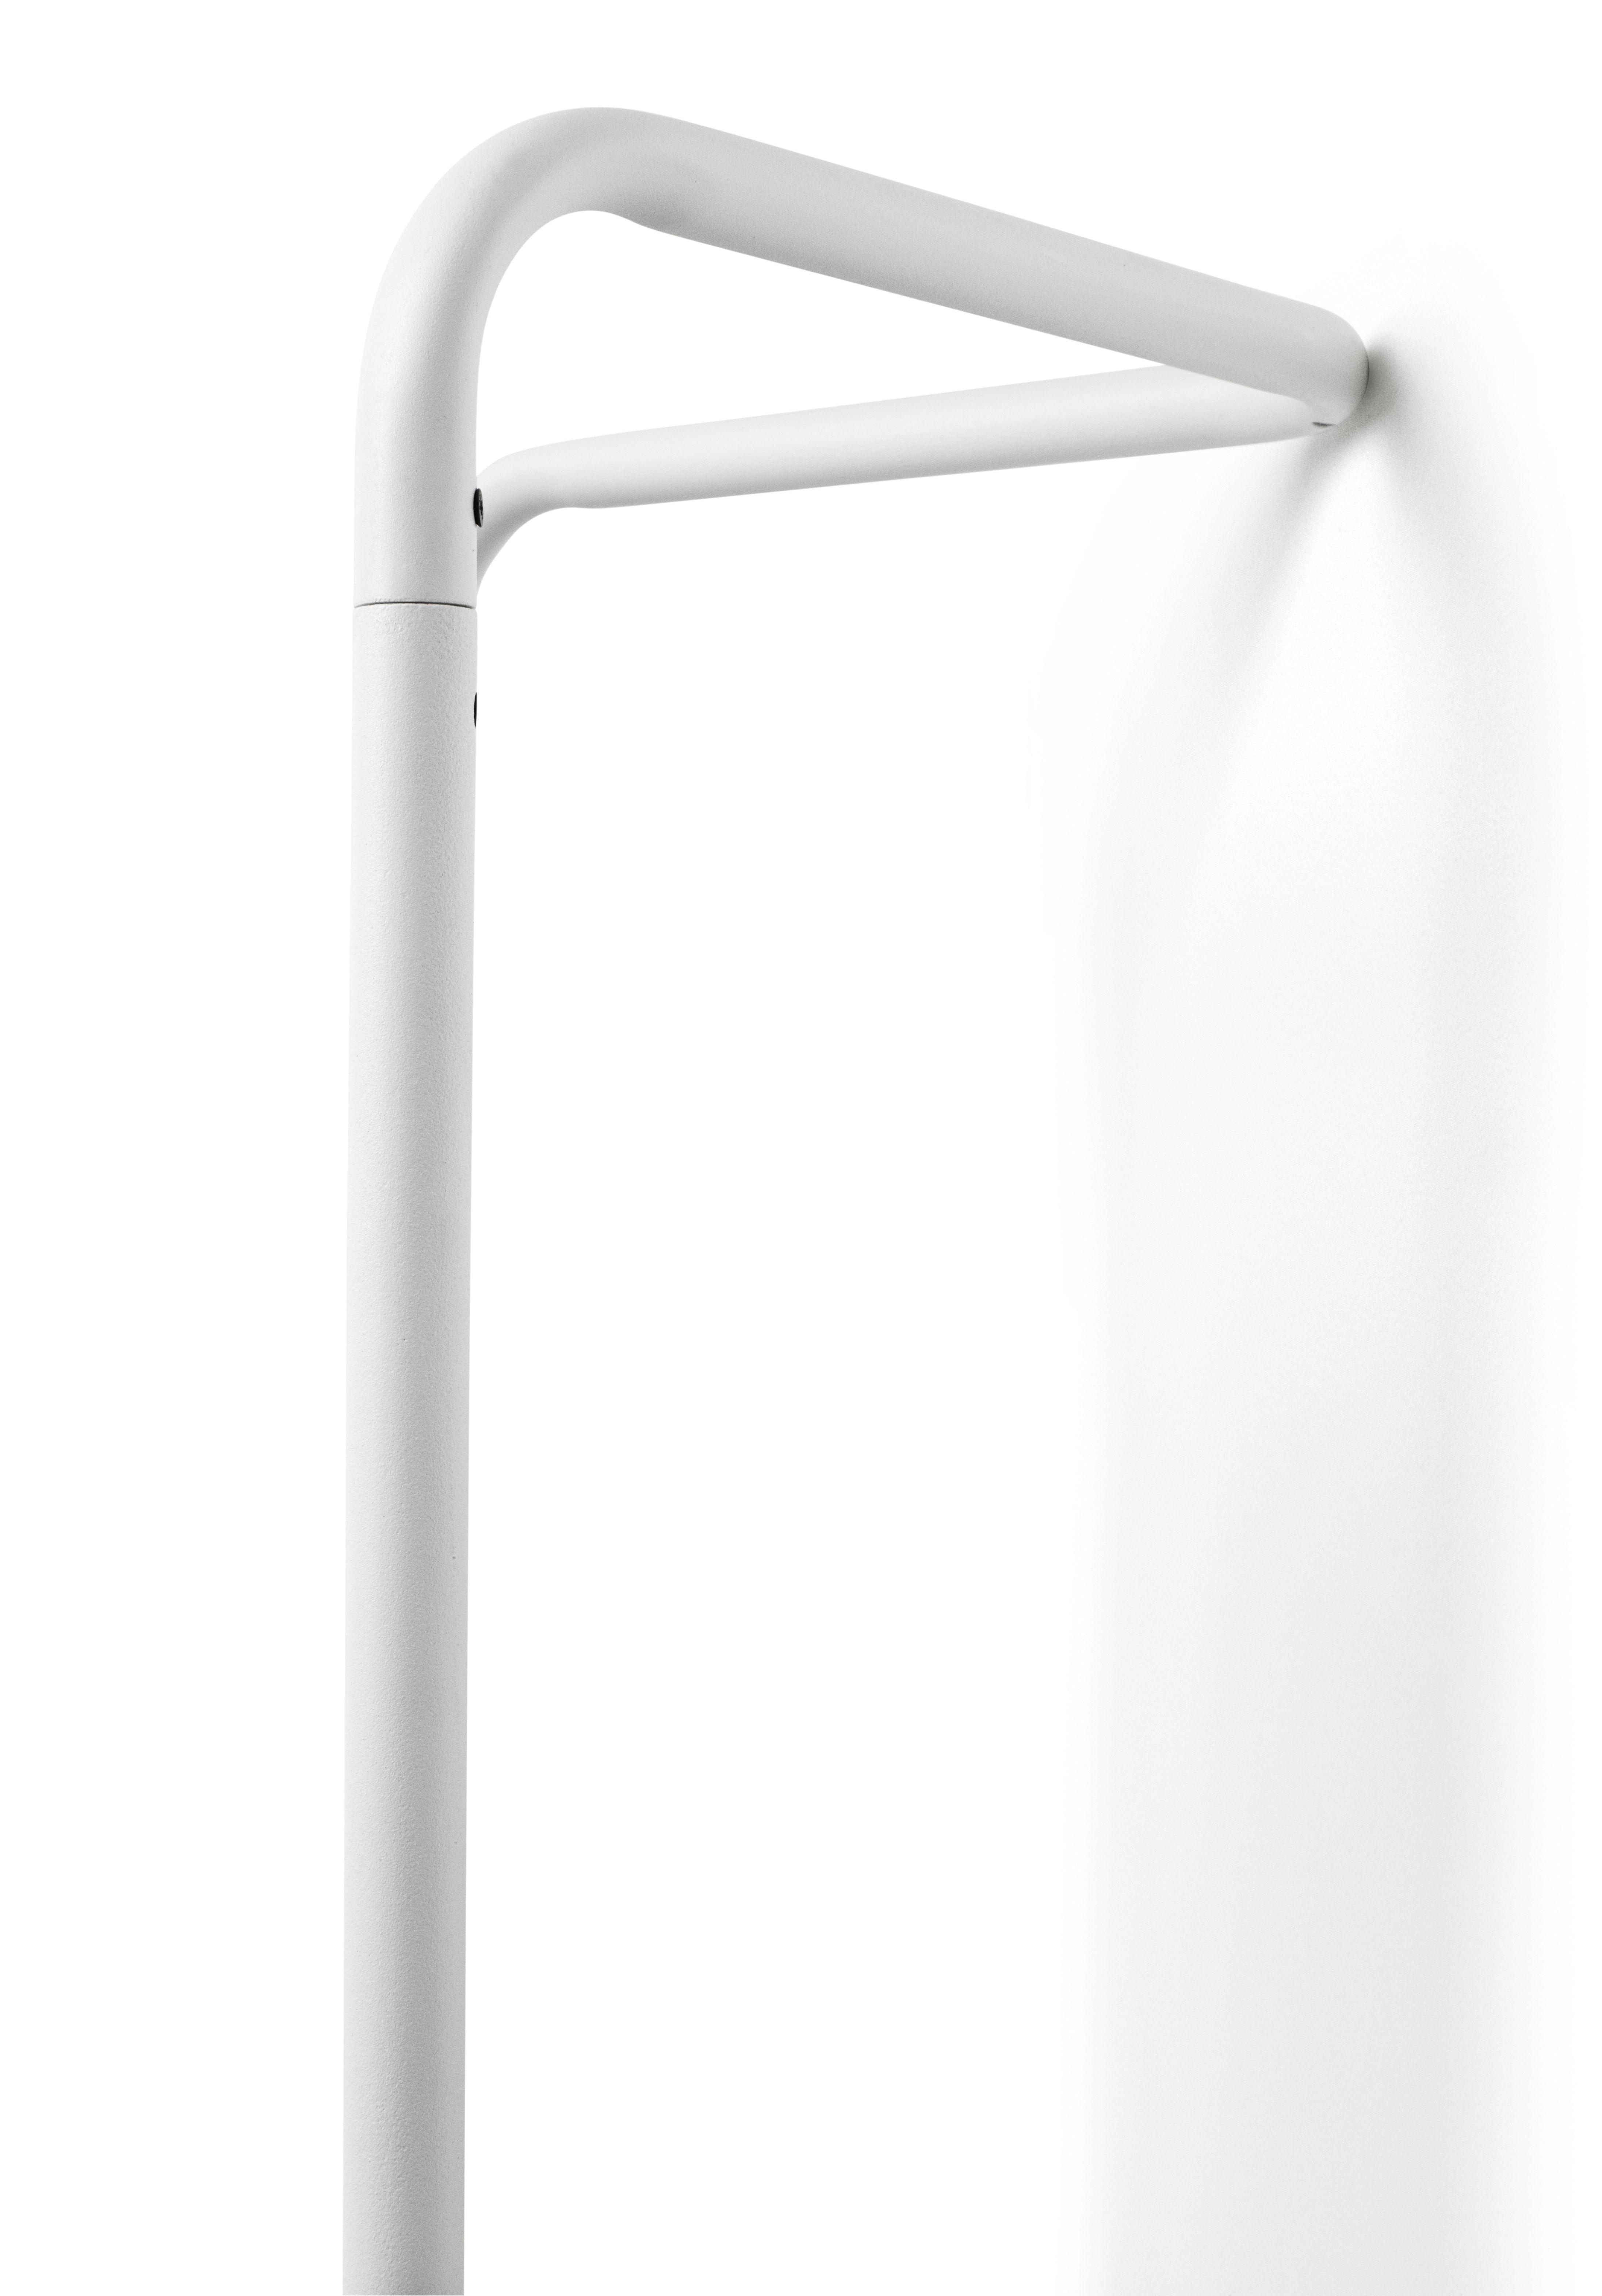 Miroir sur pied kaschkasch poser l 42 x h 175 cm - Miroir sur pied blanc ...